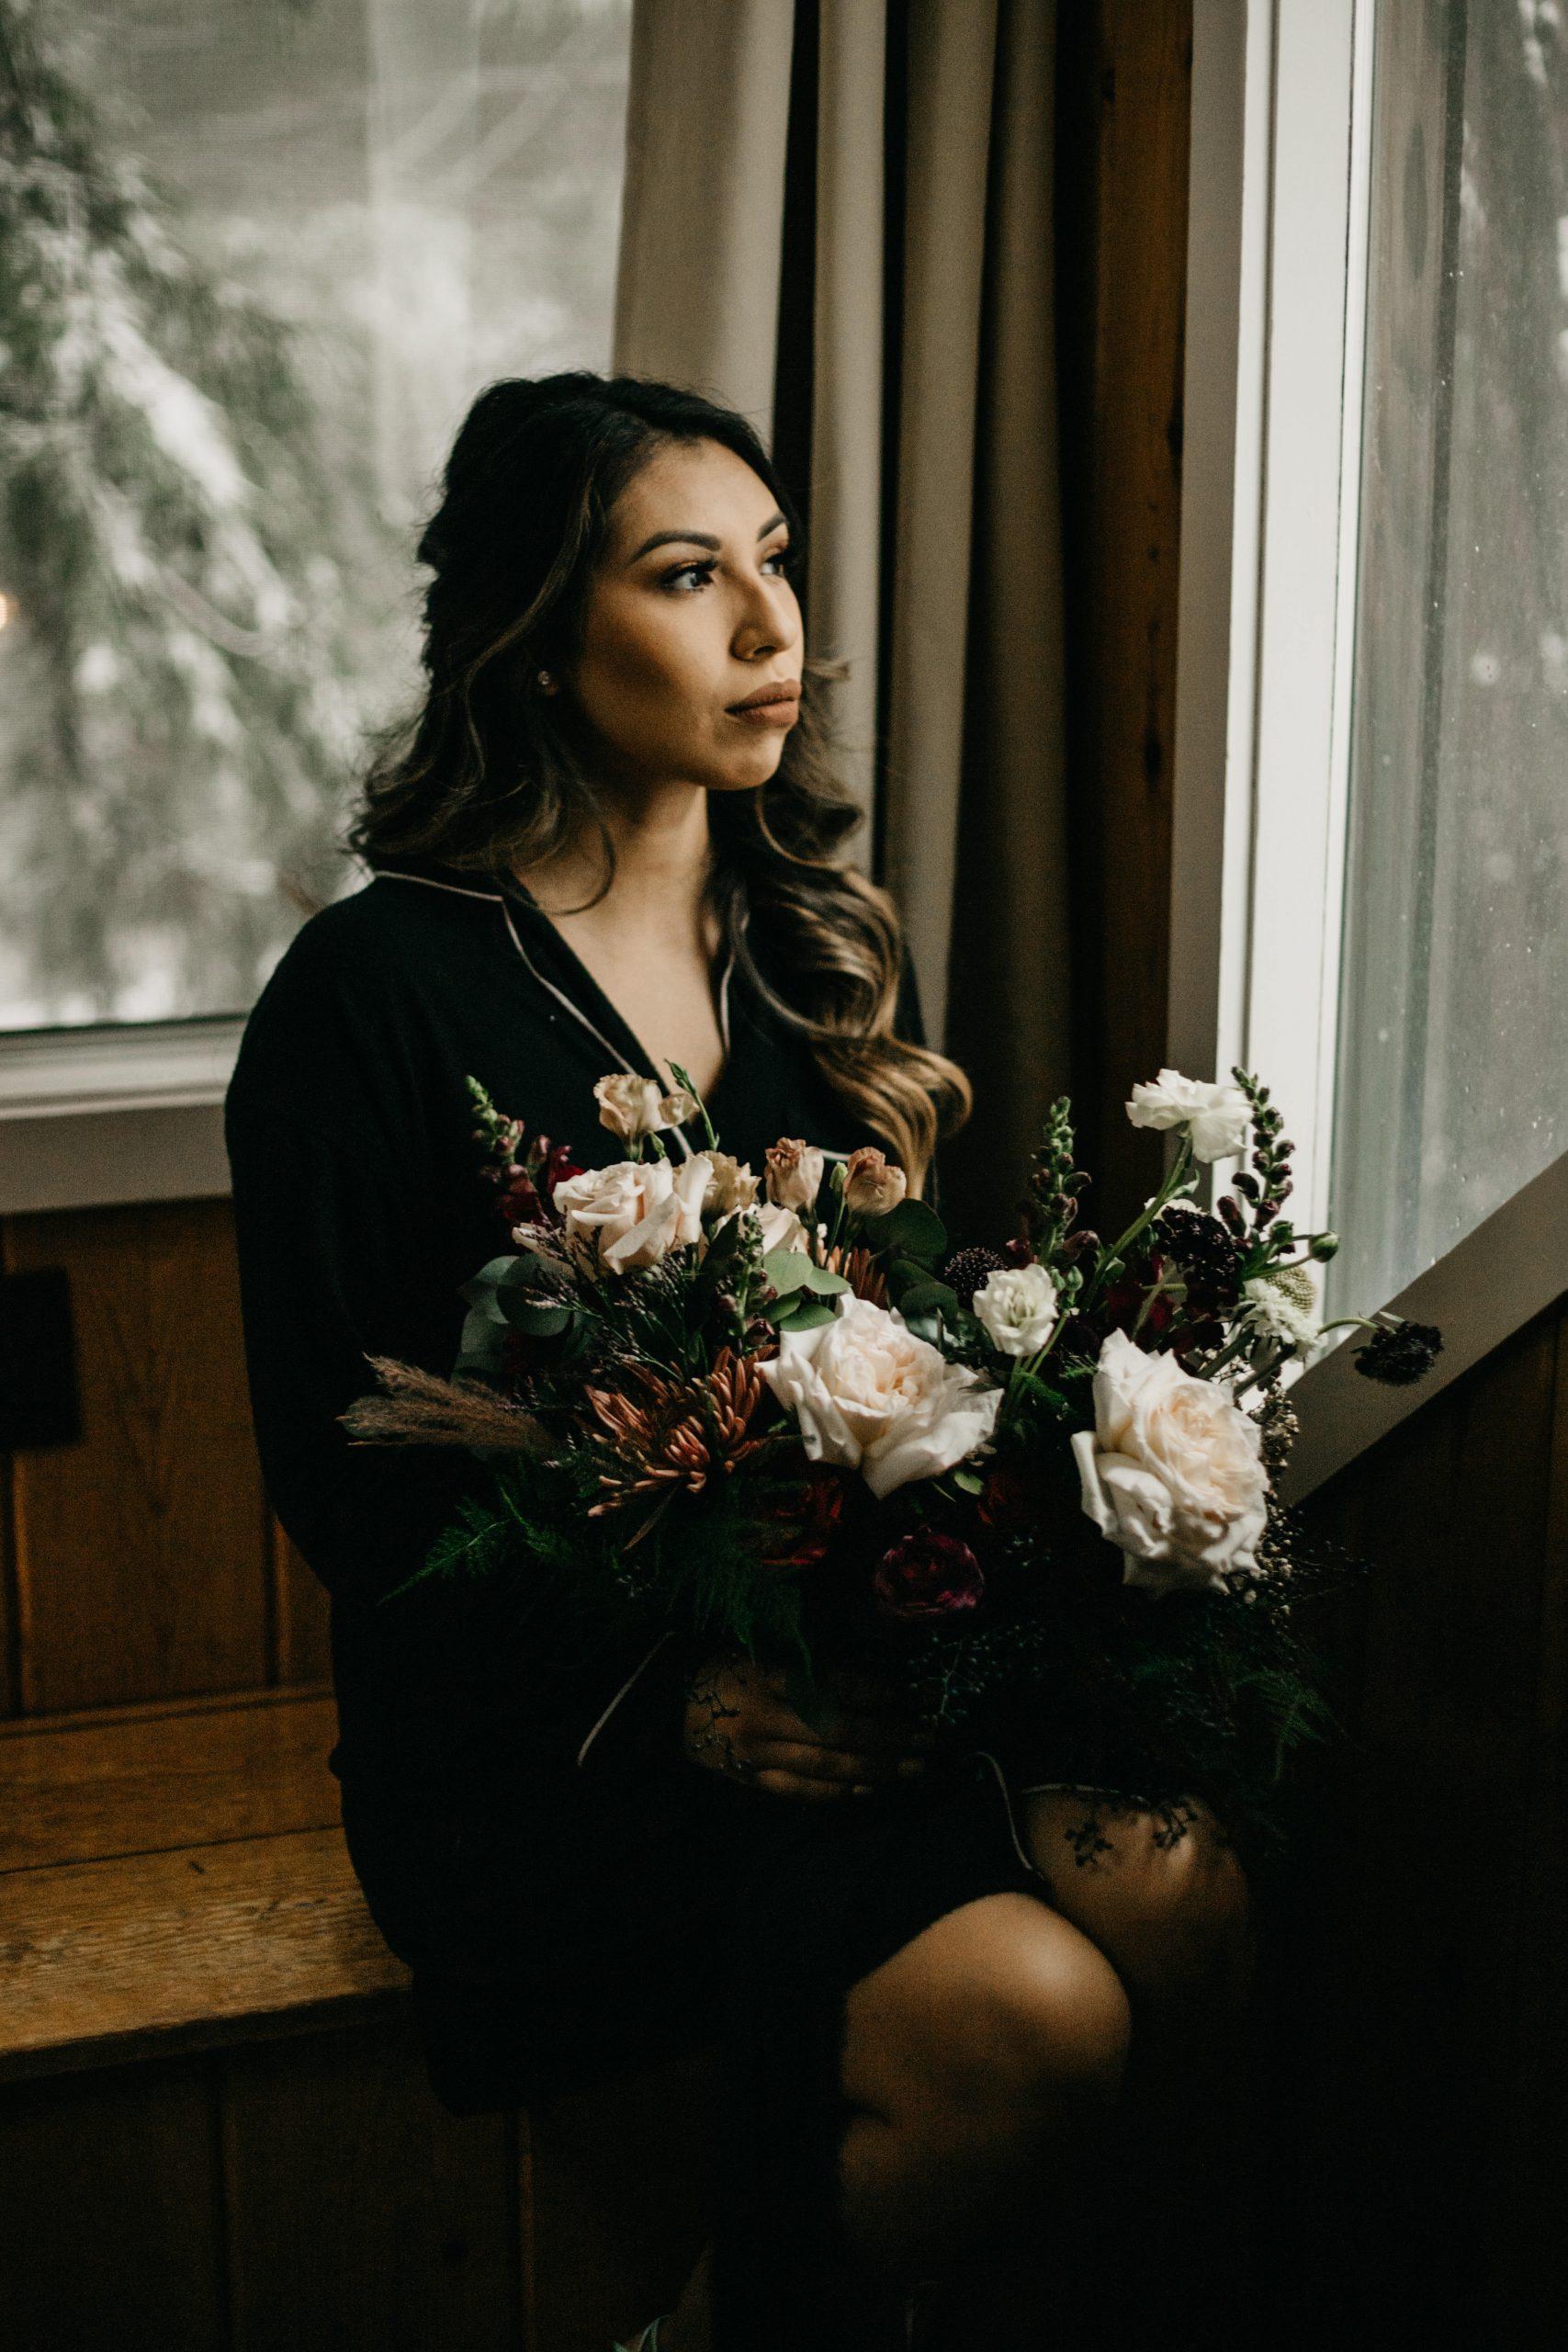 Arrowhead Pine Rose Wedding Bride Getting Ready, image by Fatima Elreda Photo